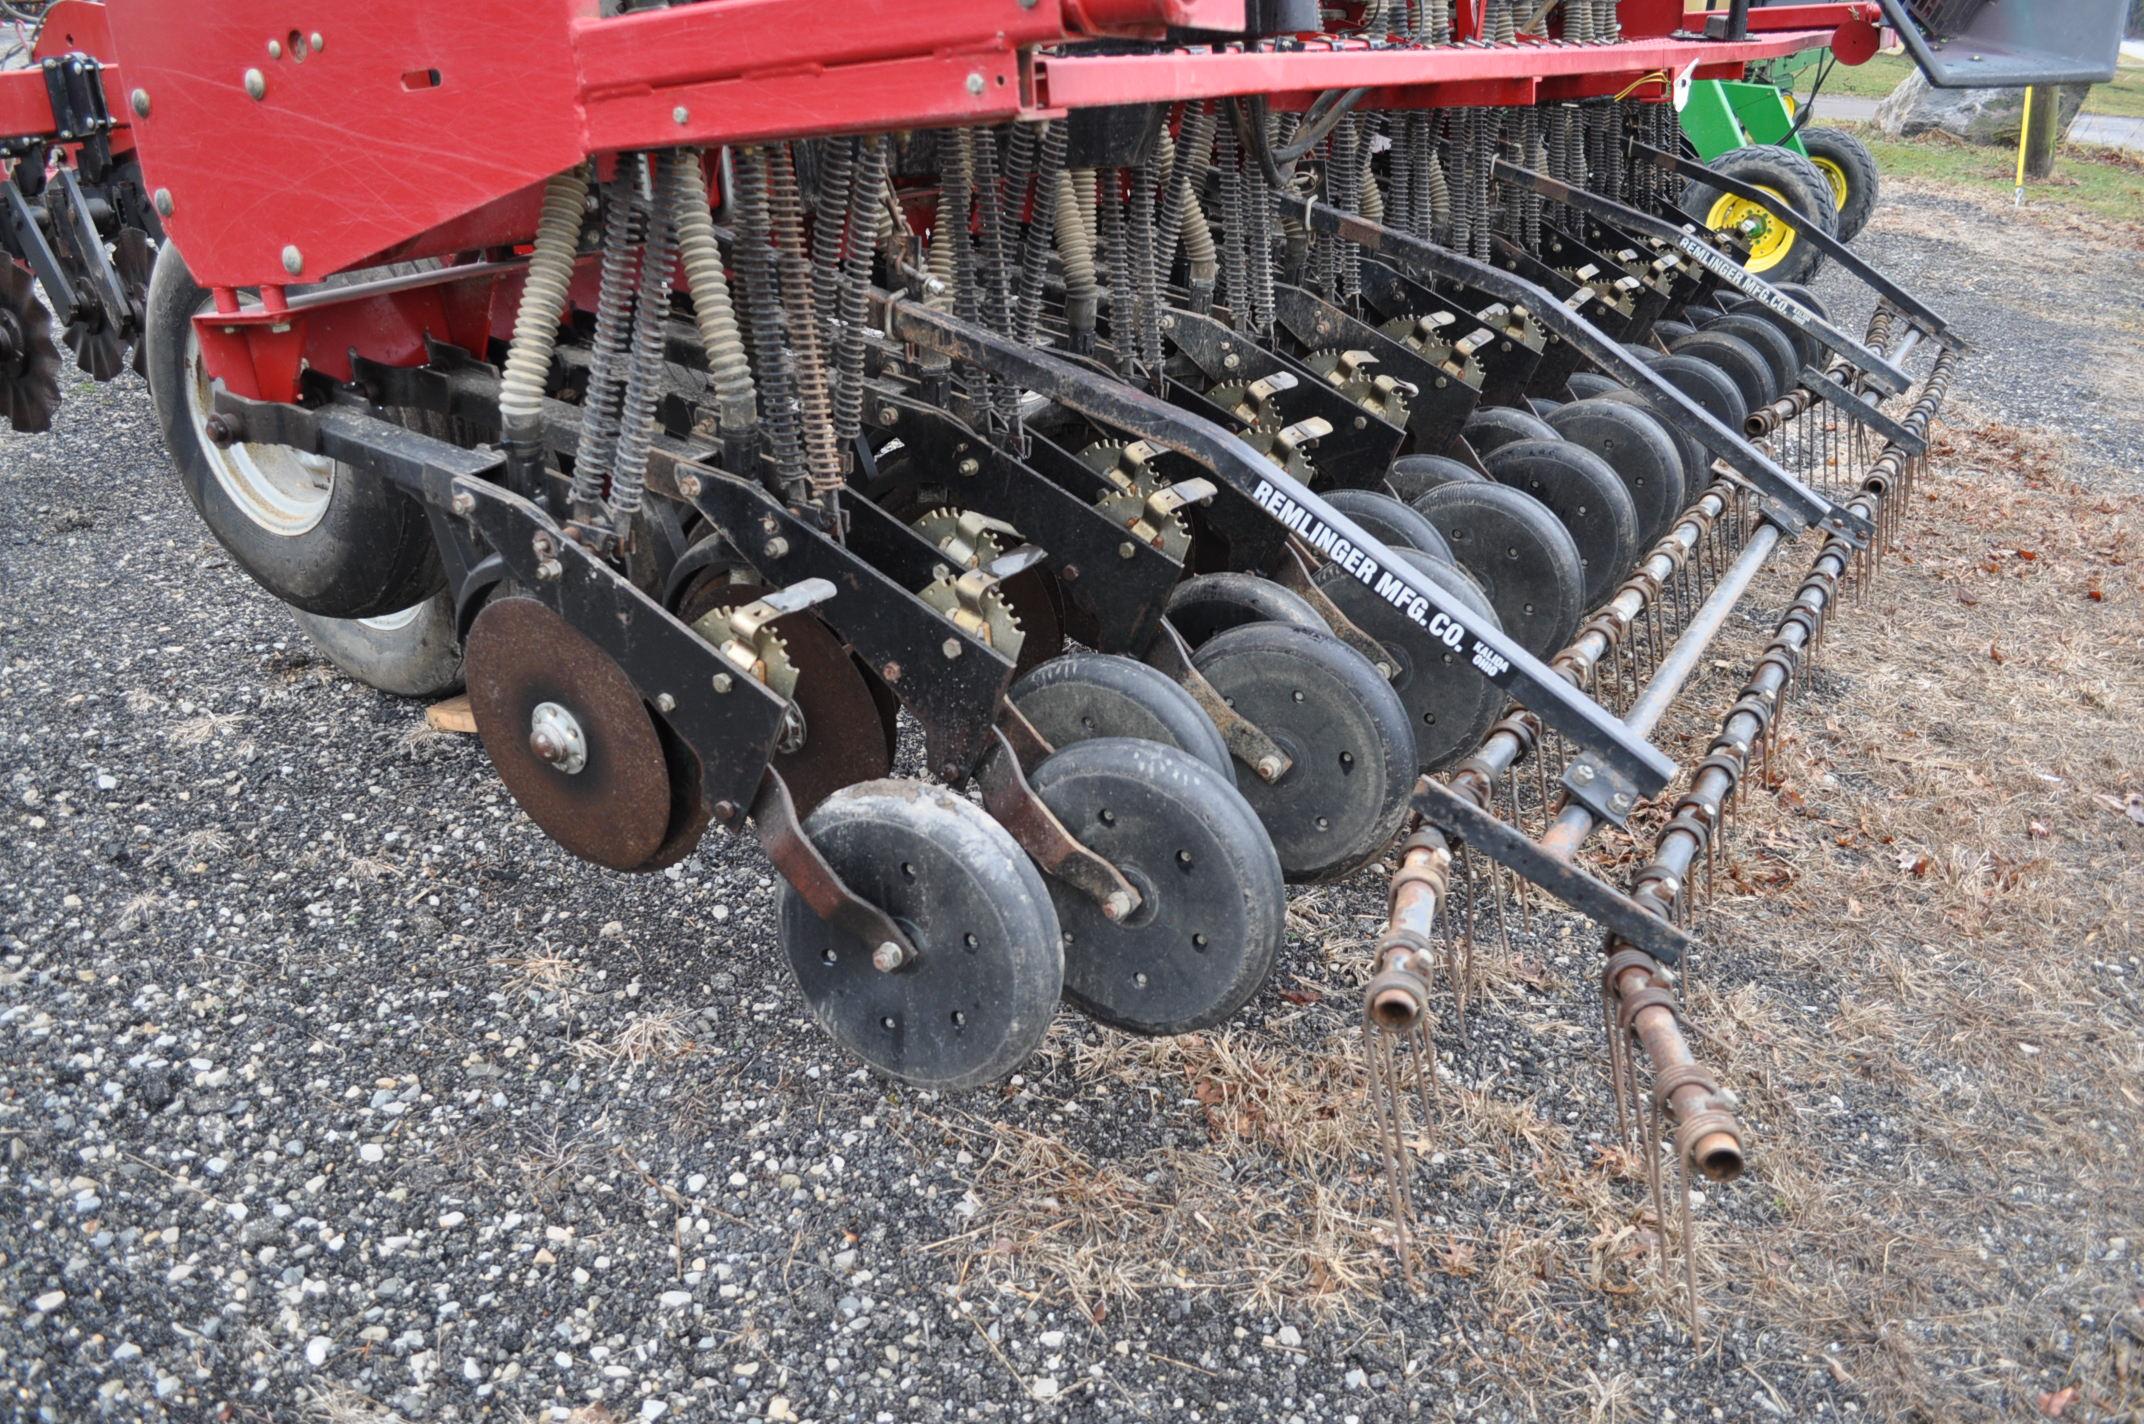 """Case IH 5400 grain drill, 3pt no-till caddie cart, 7 ½"""" spacing, 2 bar coil tine drag, Remlinger - Image 9 of 13"""